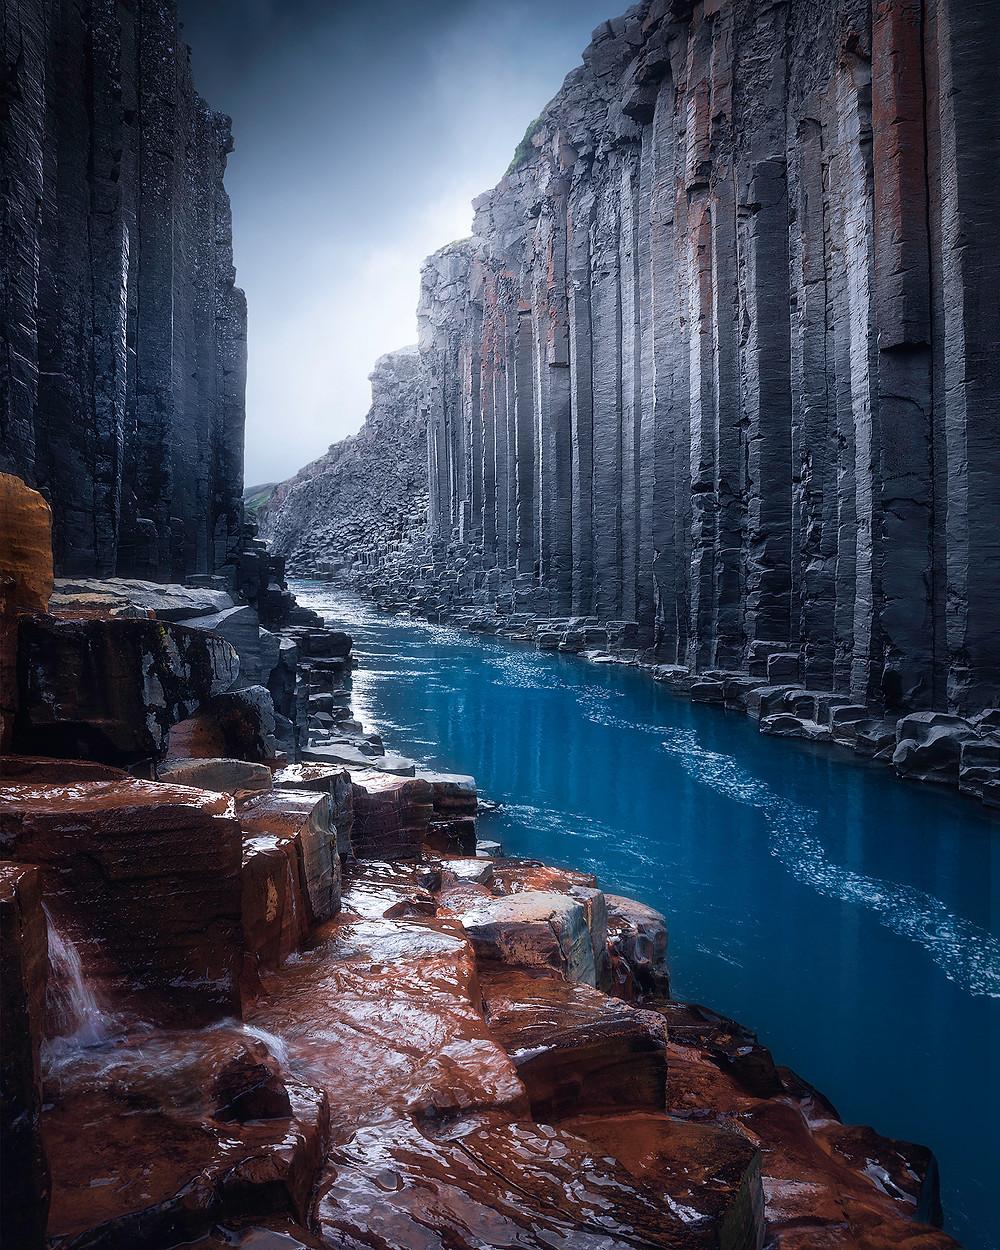 En foreløpig relativt ukjent, men veldig vakker basaltstein canyon øst på Island.